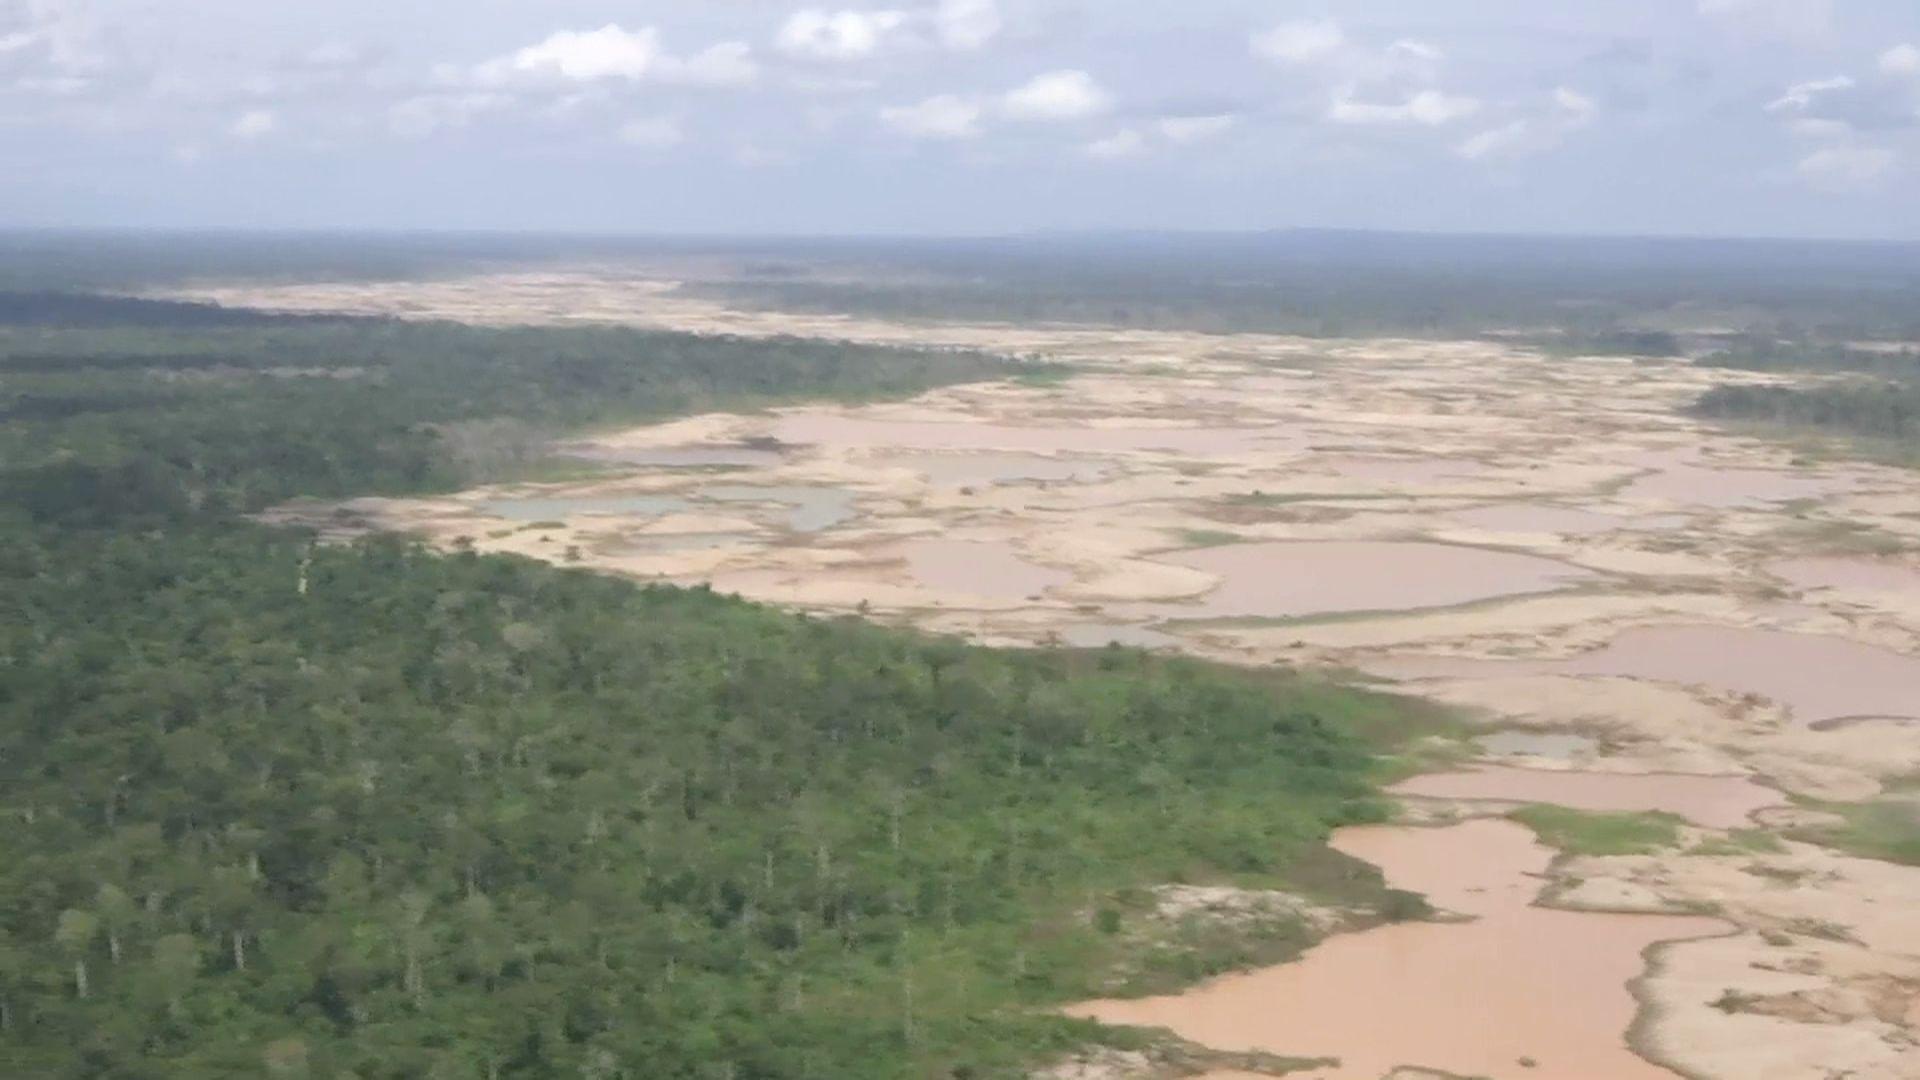 Madre de Dios: Mineros ilegales dejan desiertos de arena en medio de la selva   VIDEO